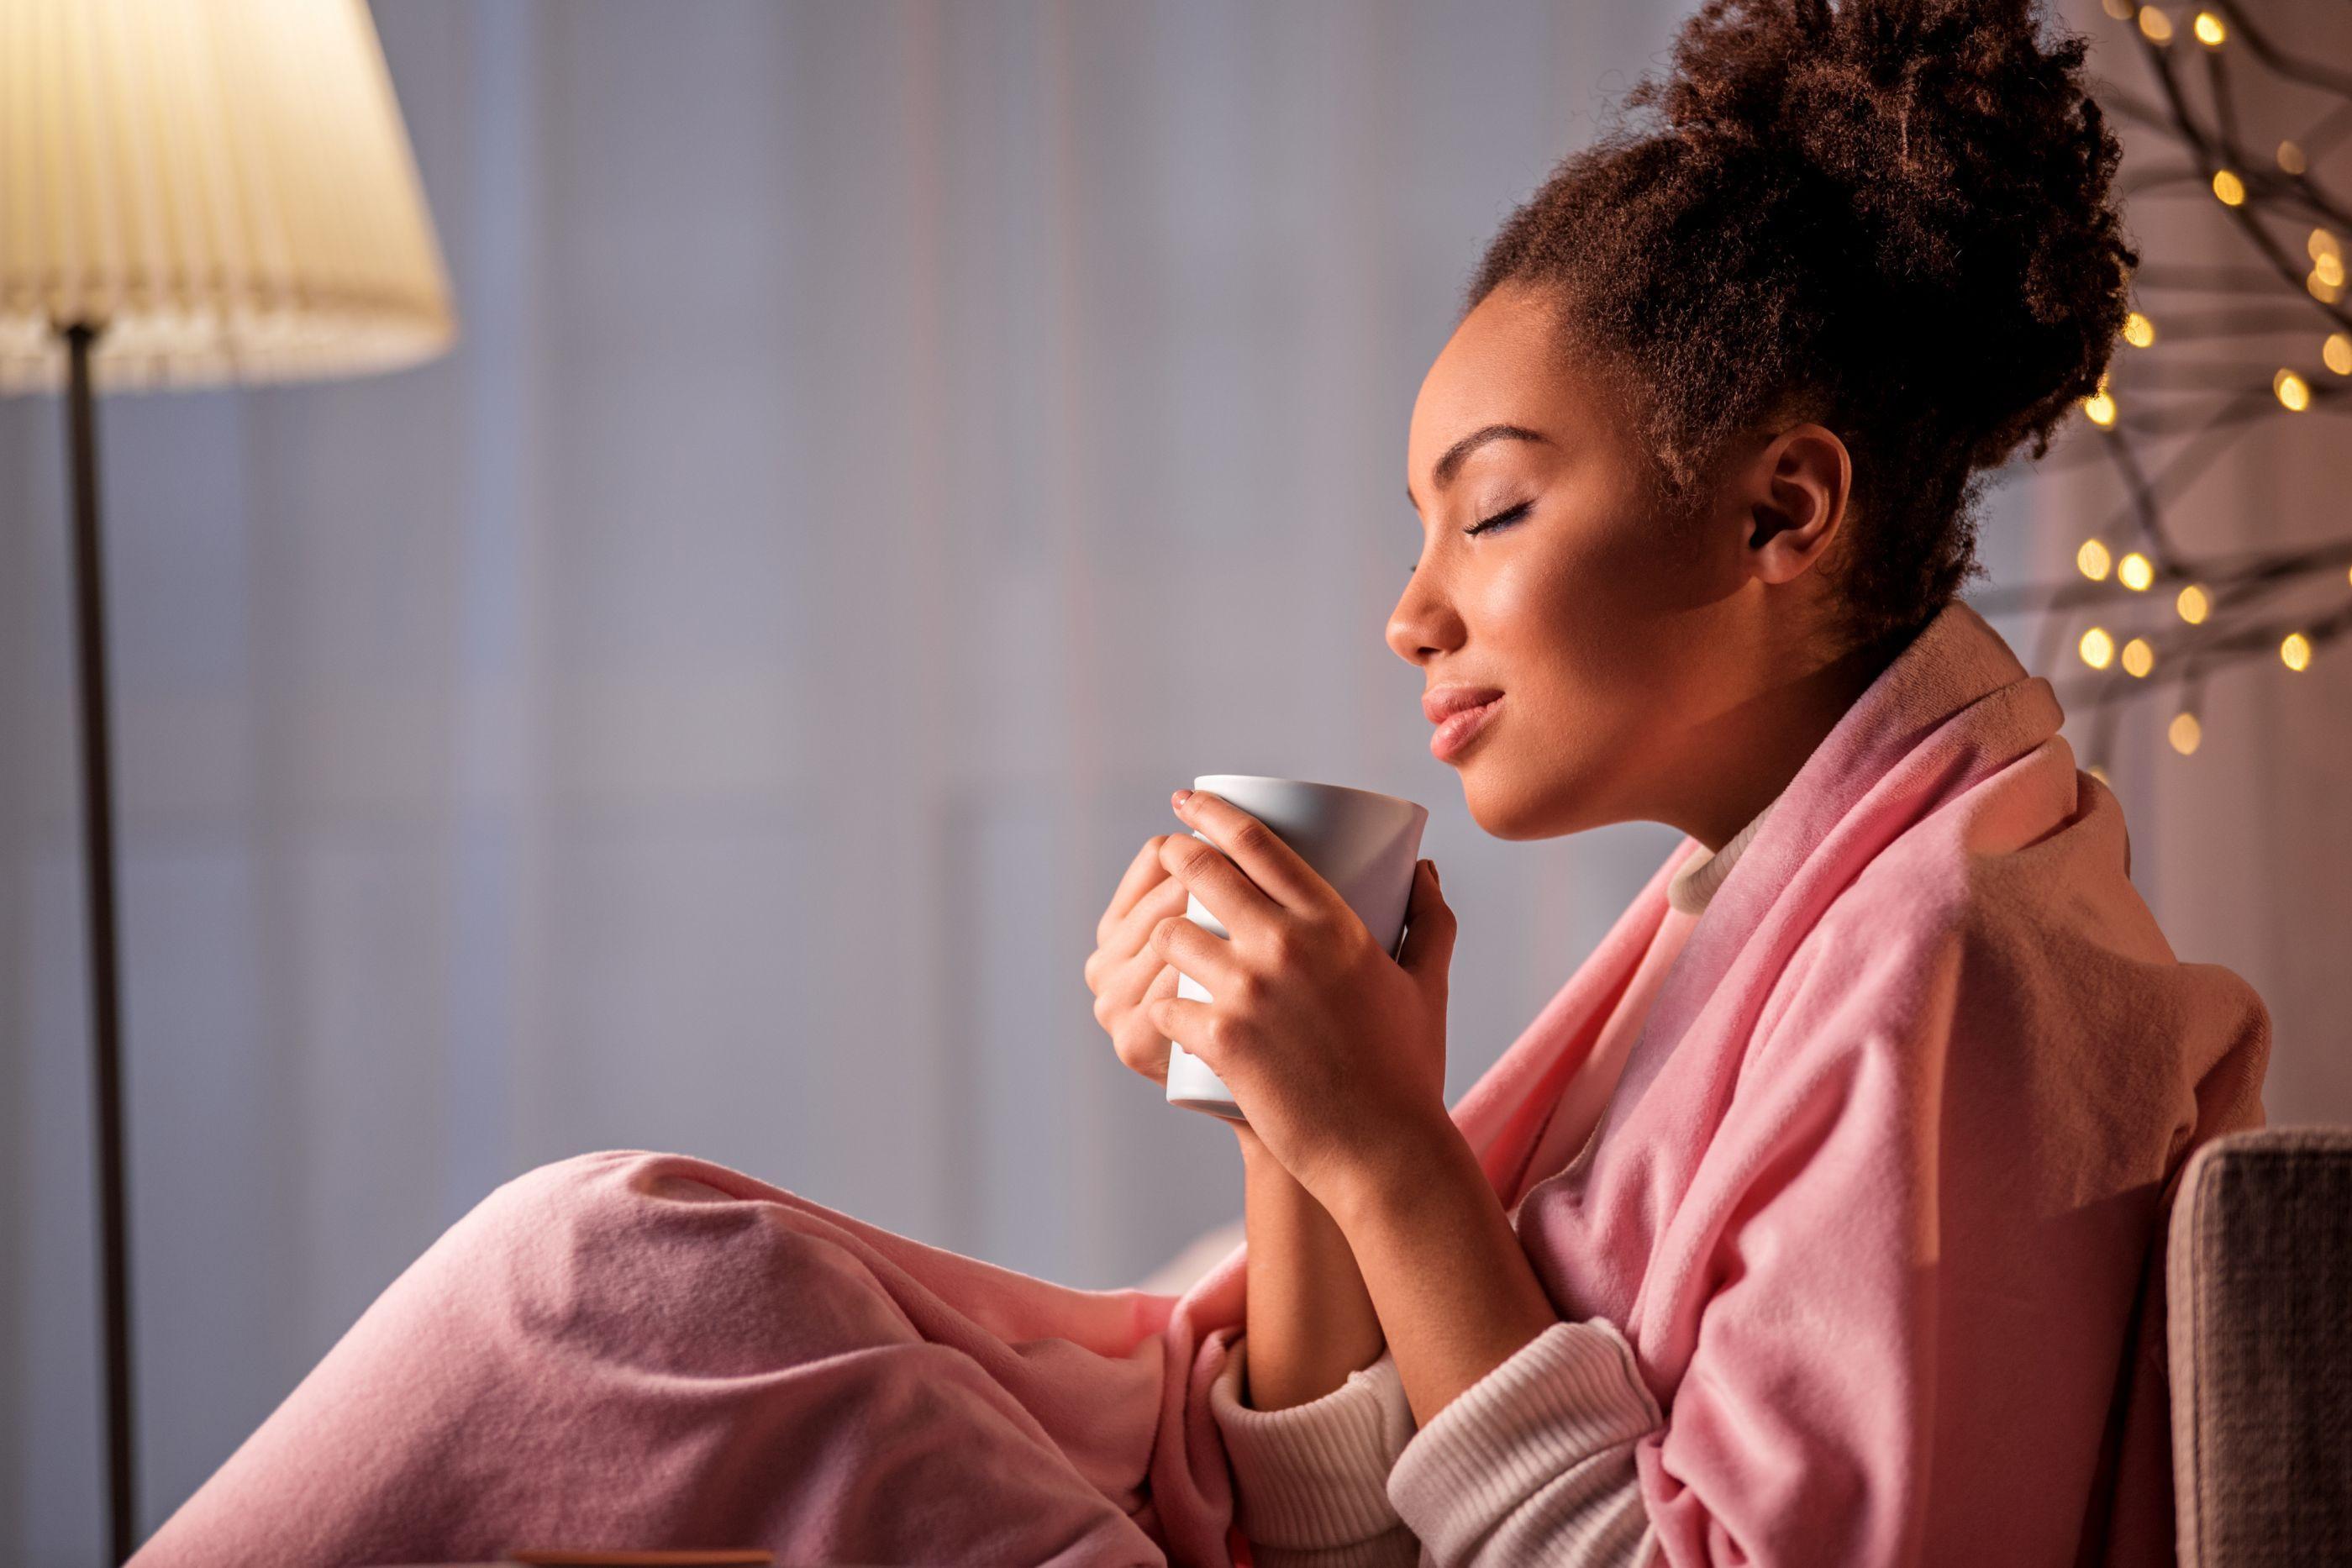 Não consegue dormir? Conheça três chás que relaxam e combatem insônias